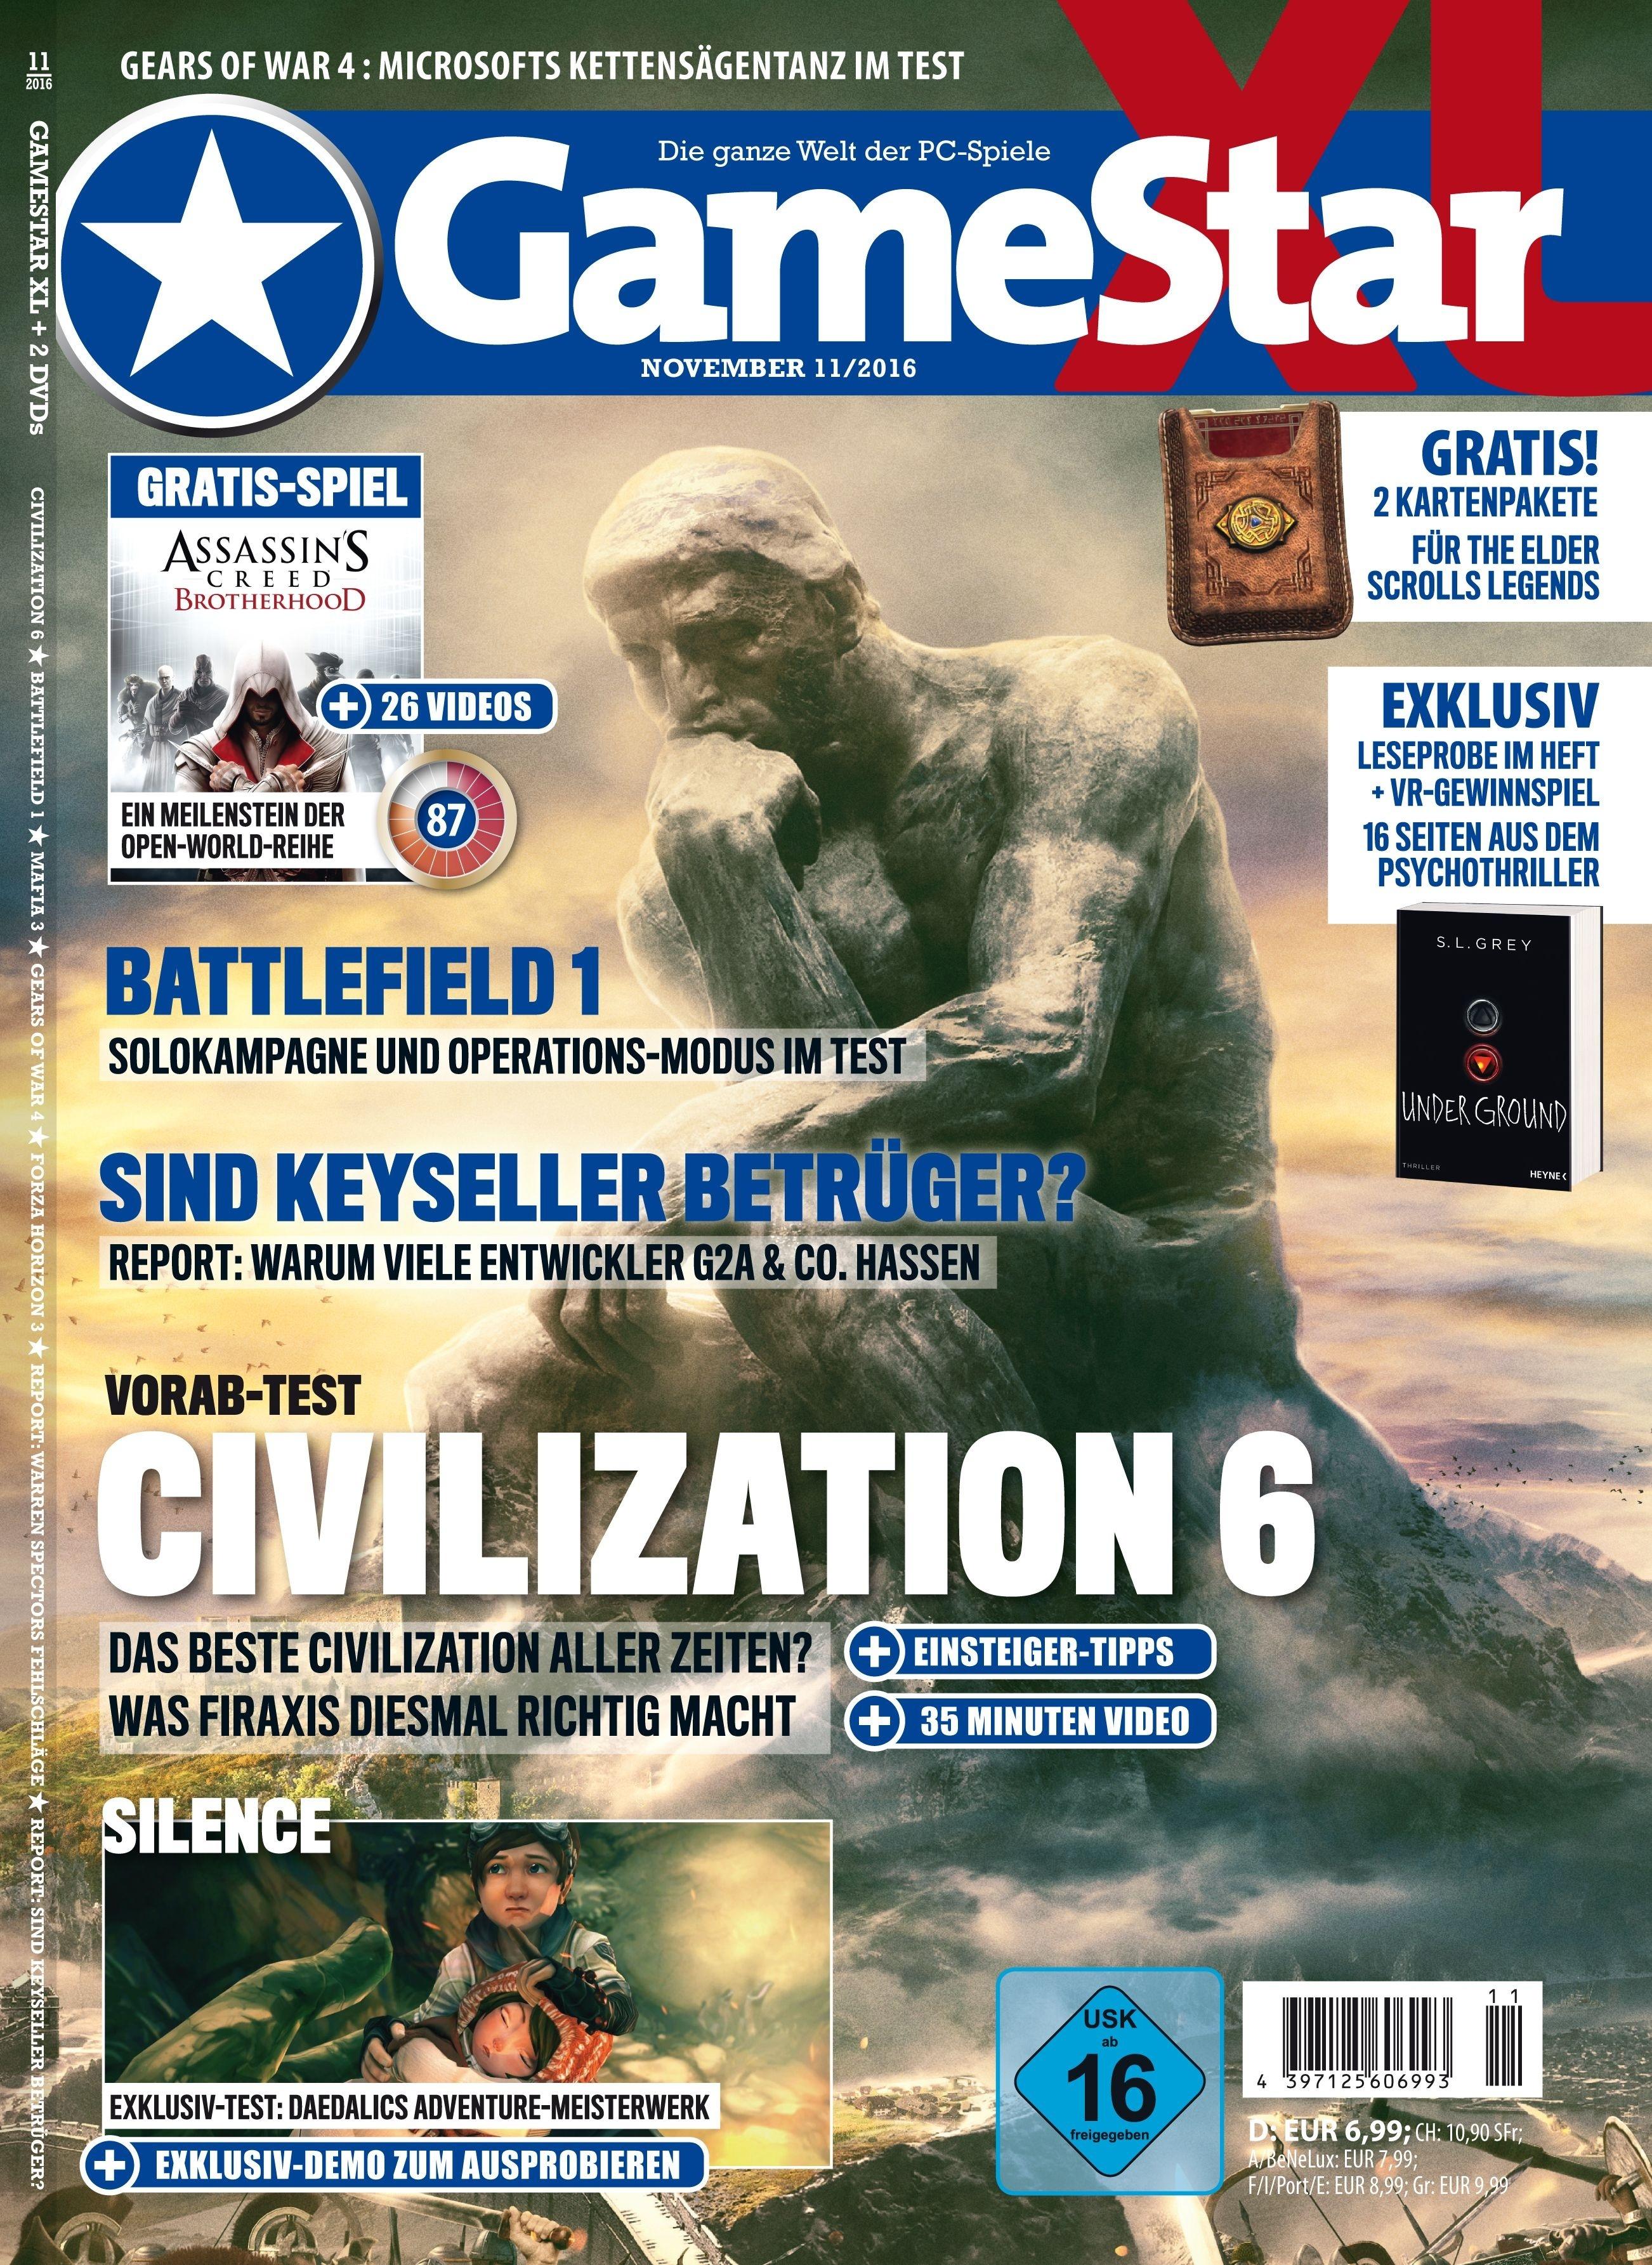 GameStar XL 10/2016